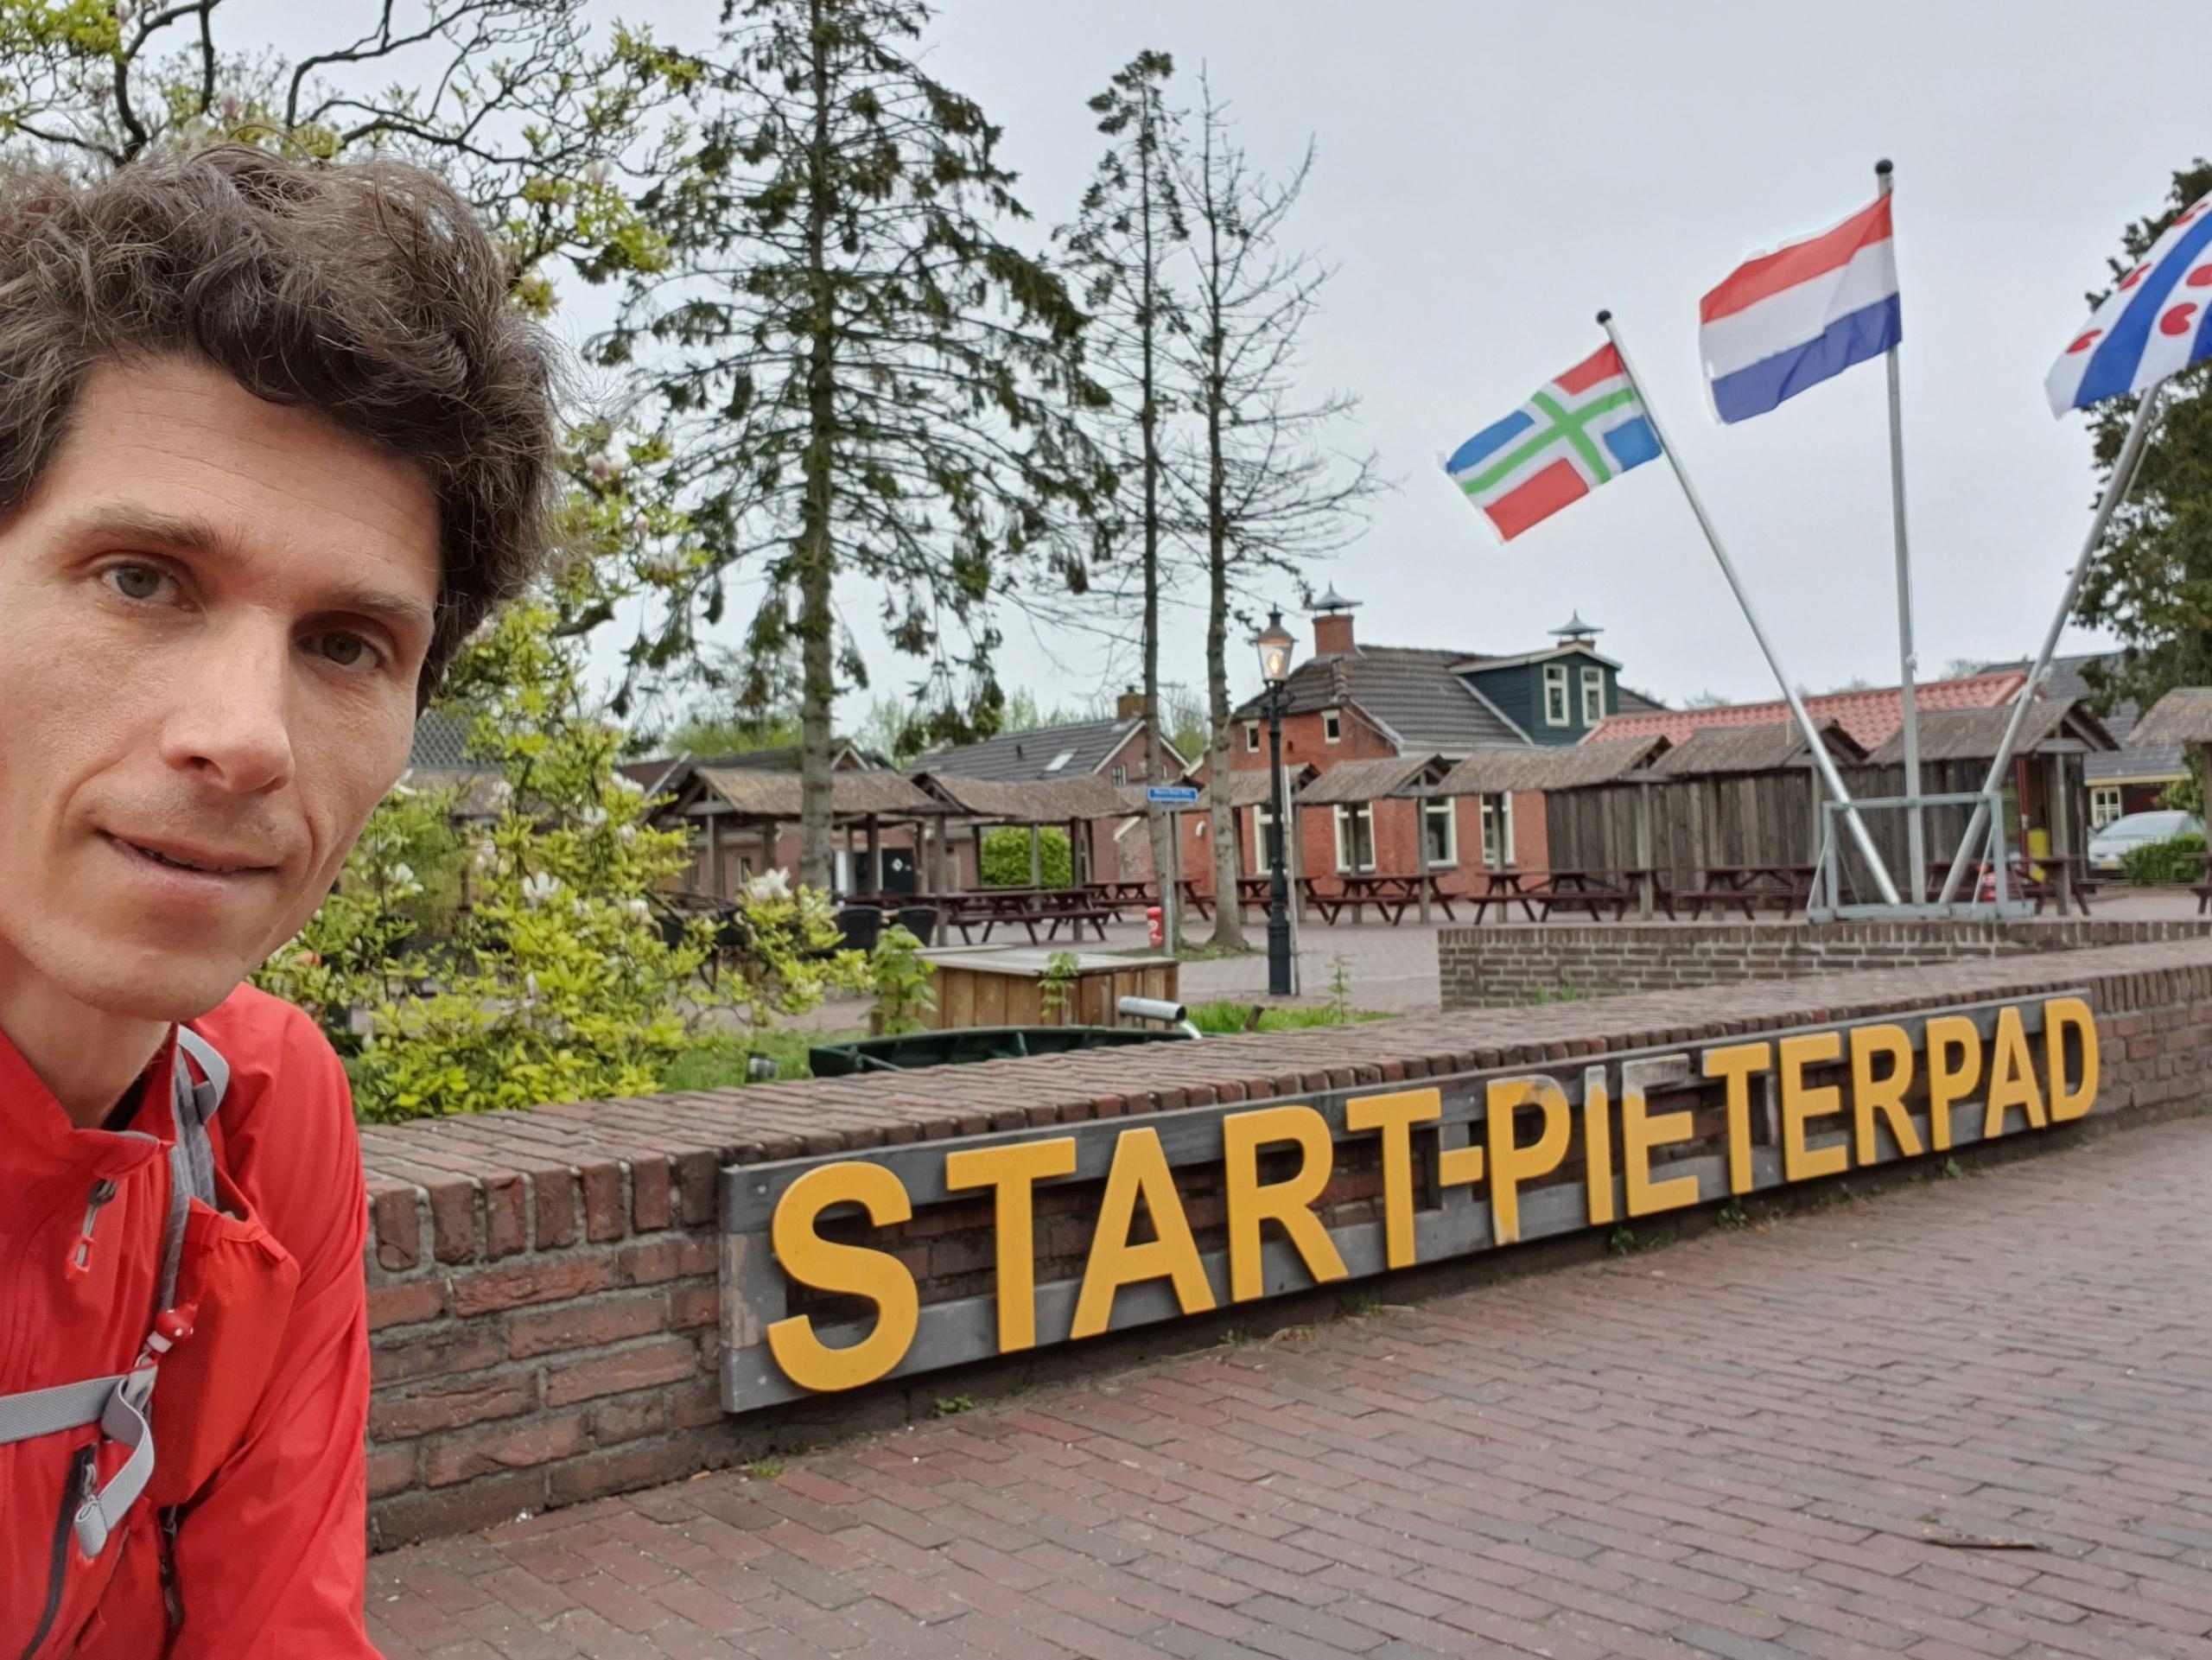 Start Pieterpad in Pieterburen, dinsdagochtend 11 mei 2021